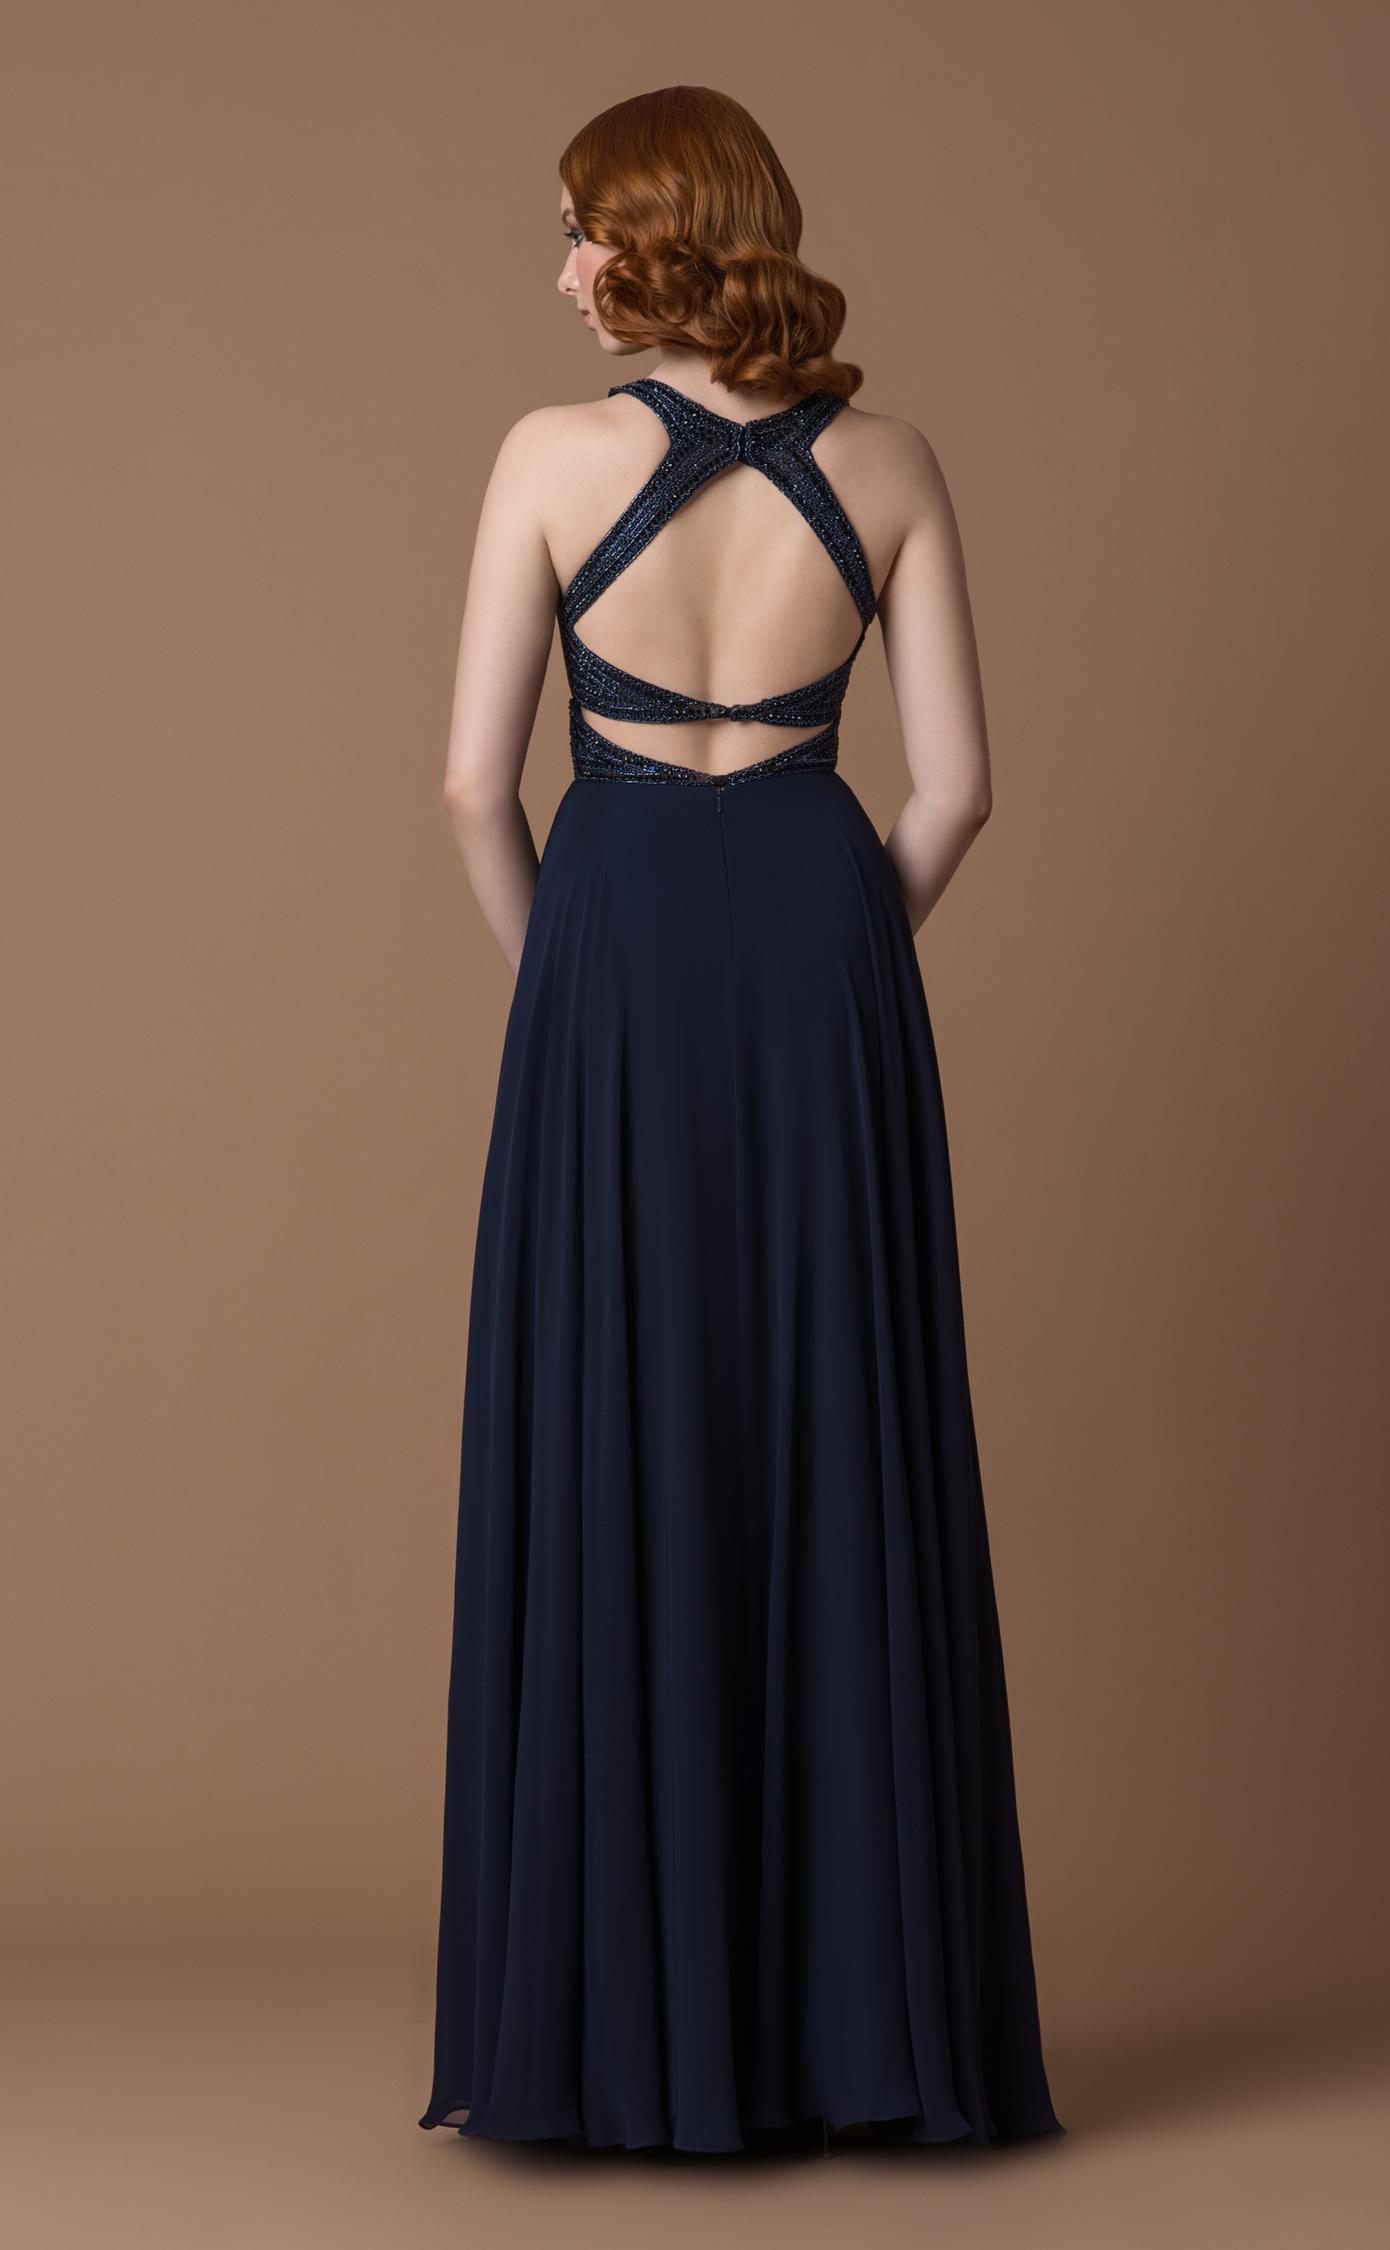 Abendkleid/Ballkleid mit offenem Rücken | Samyra Fashion